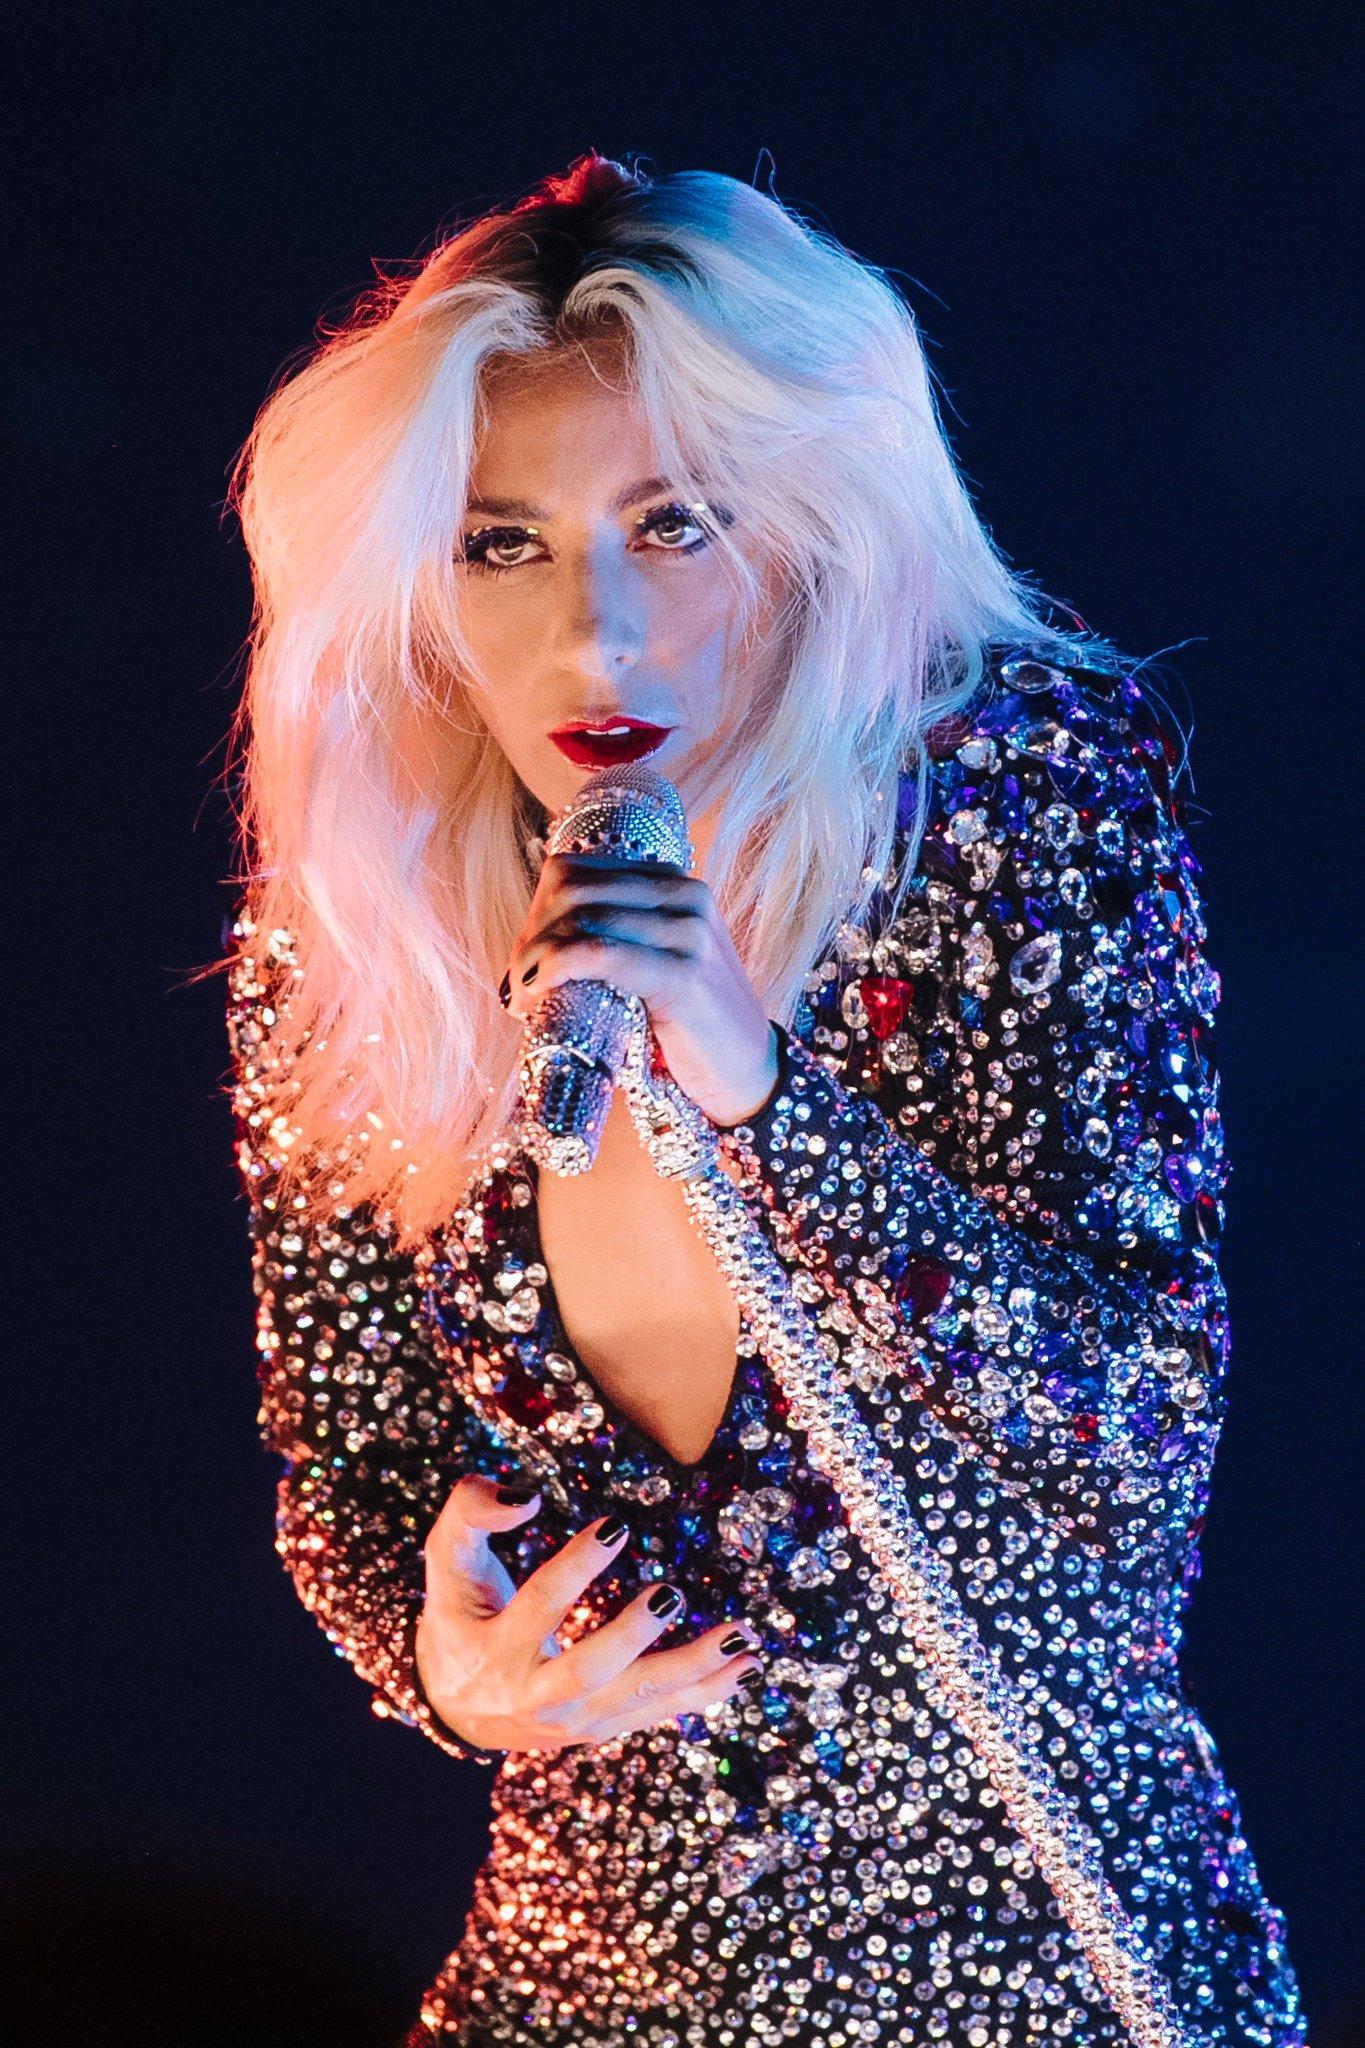 Aux #Grammys Lady Gaga a interprété 'Shallow' dans une version inédite à voir juste ici https://t.co/FDSGZ5GDVn https://t.co/VYJsh3L8pM